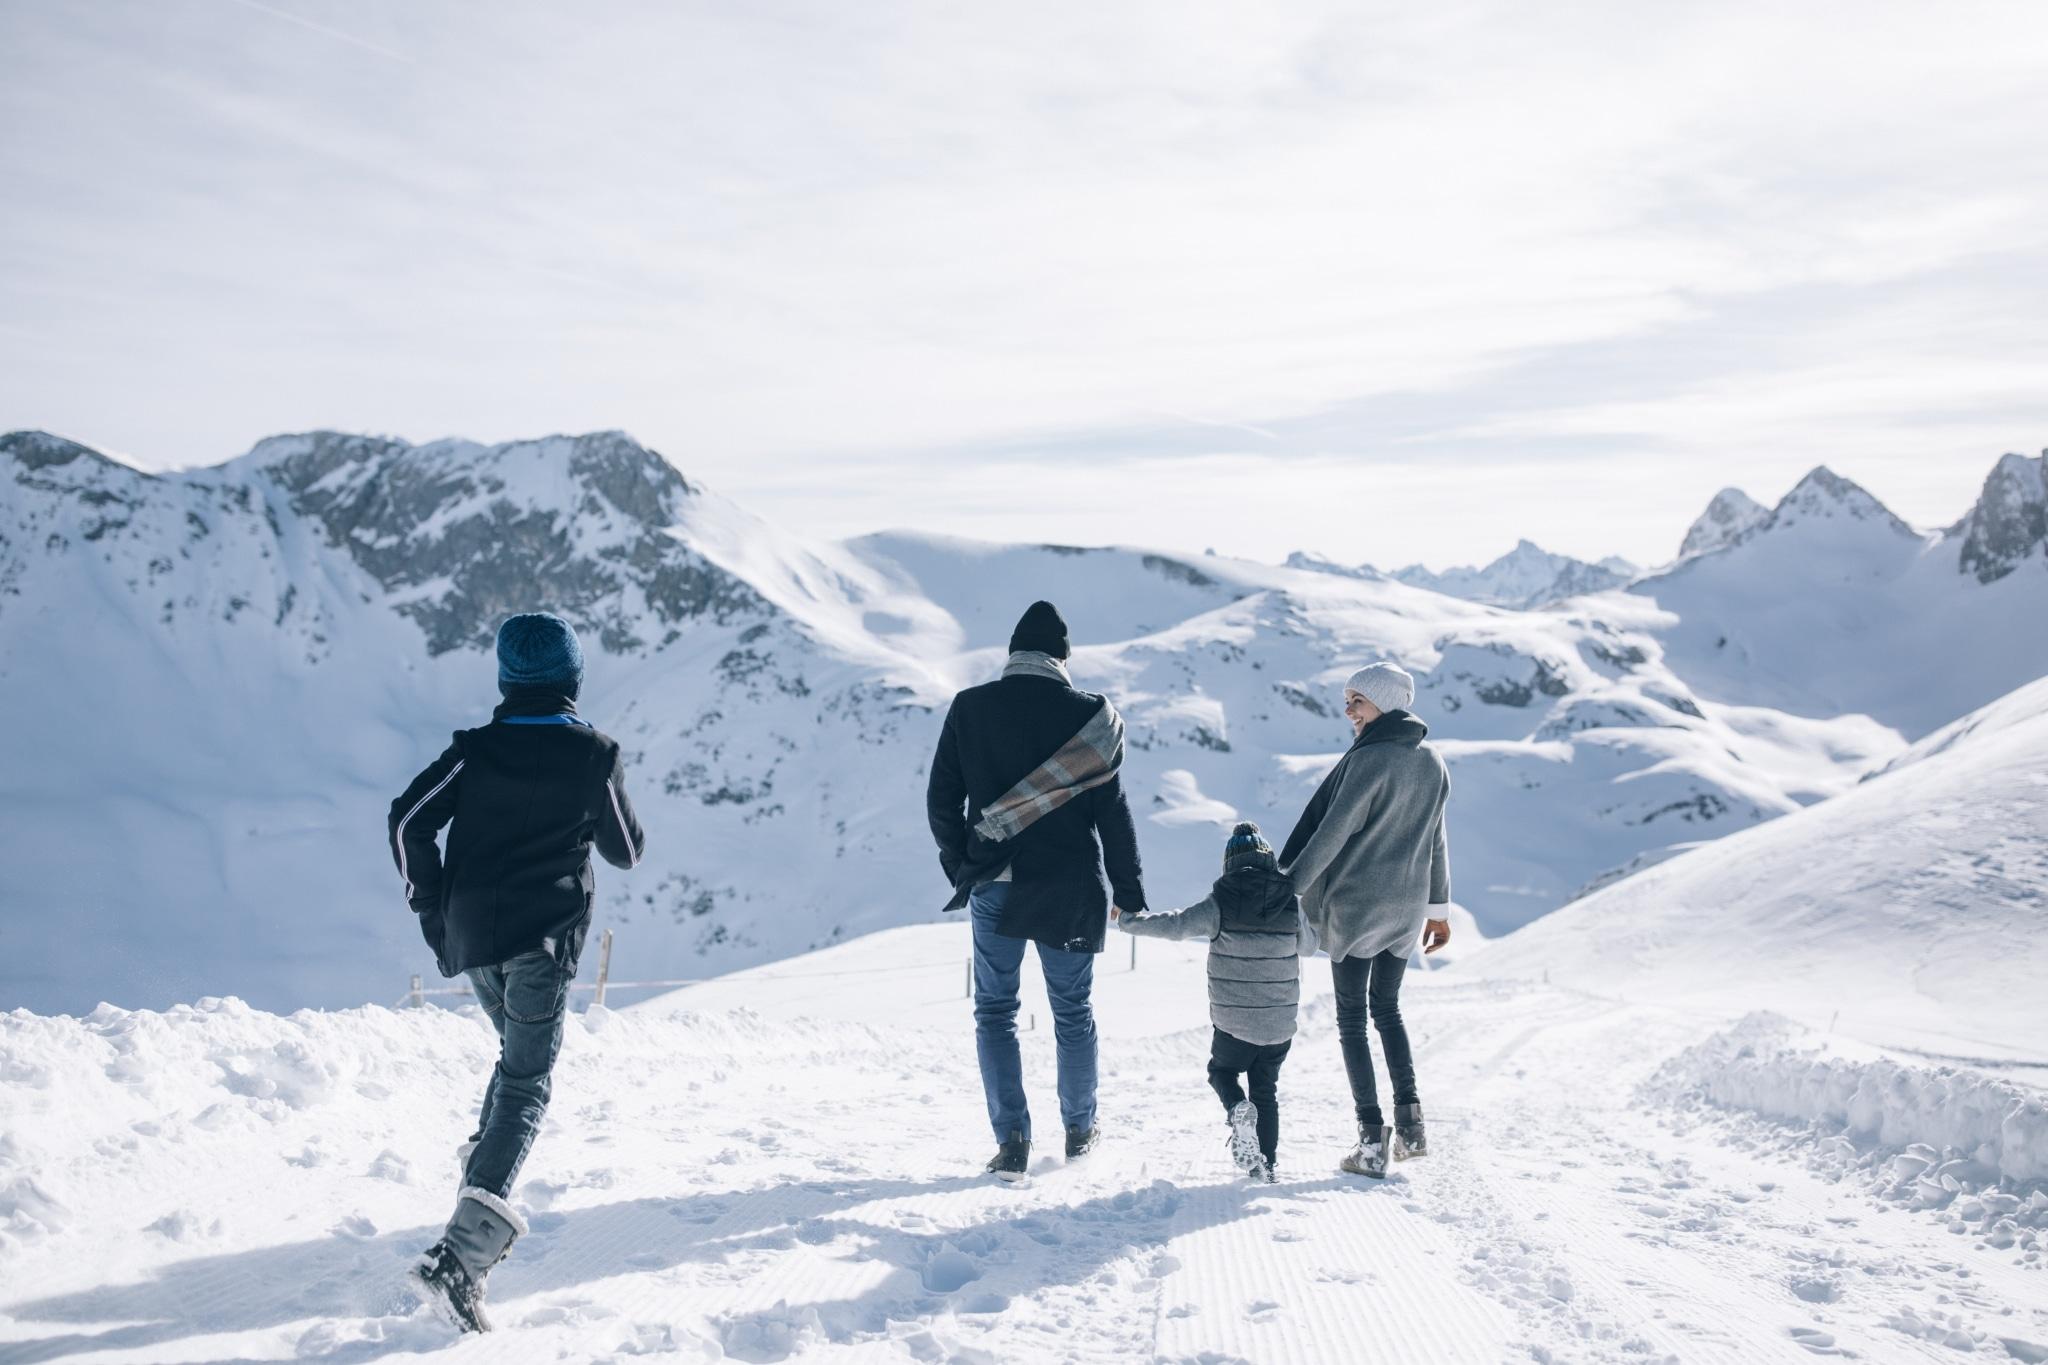 Hinterlassen Sie Ihre Spuren im Schnee beim Winterwandern am Arlberg